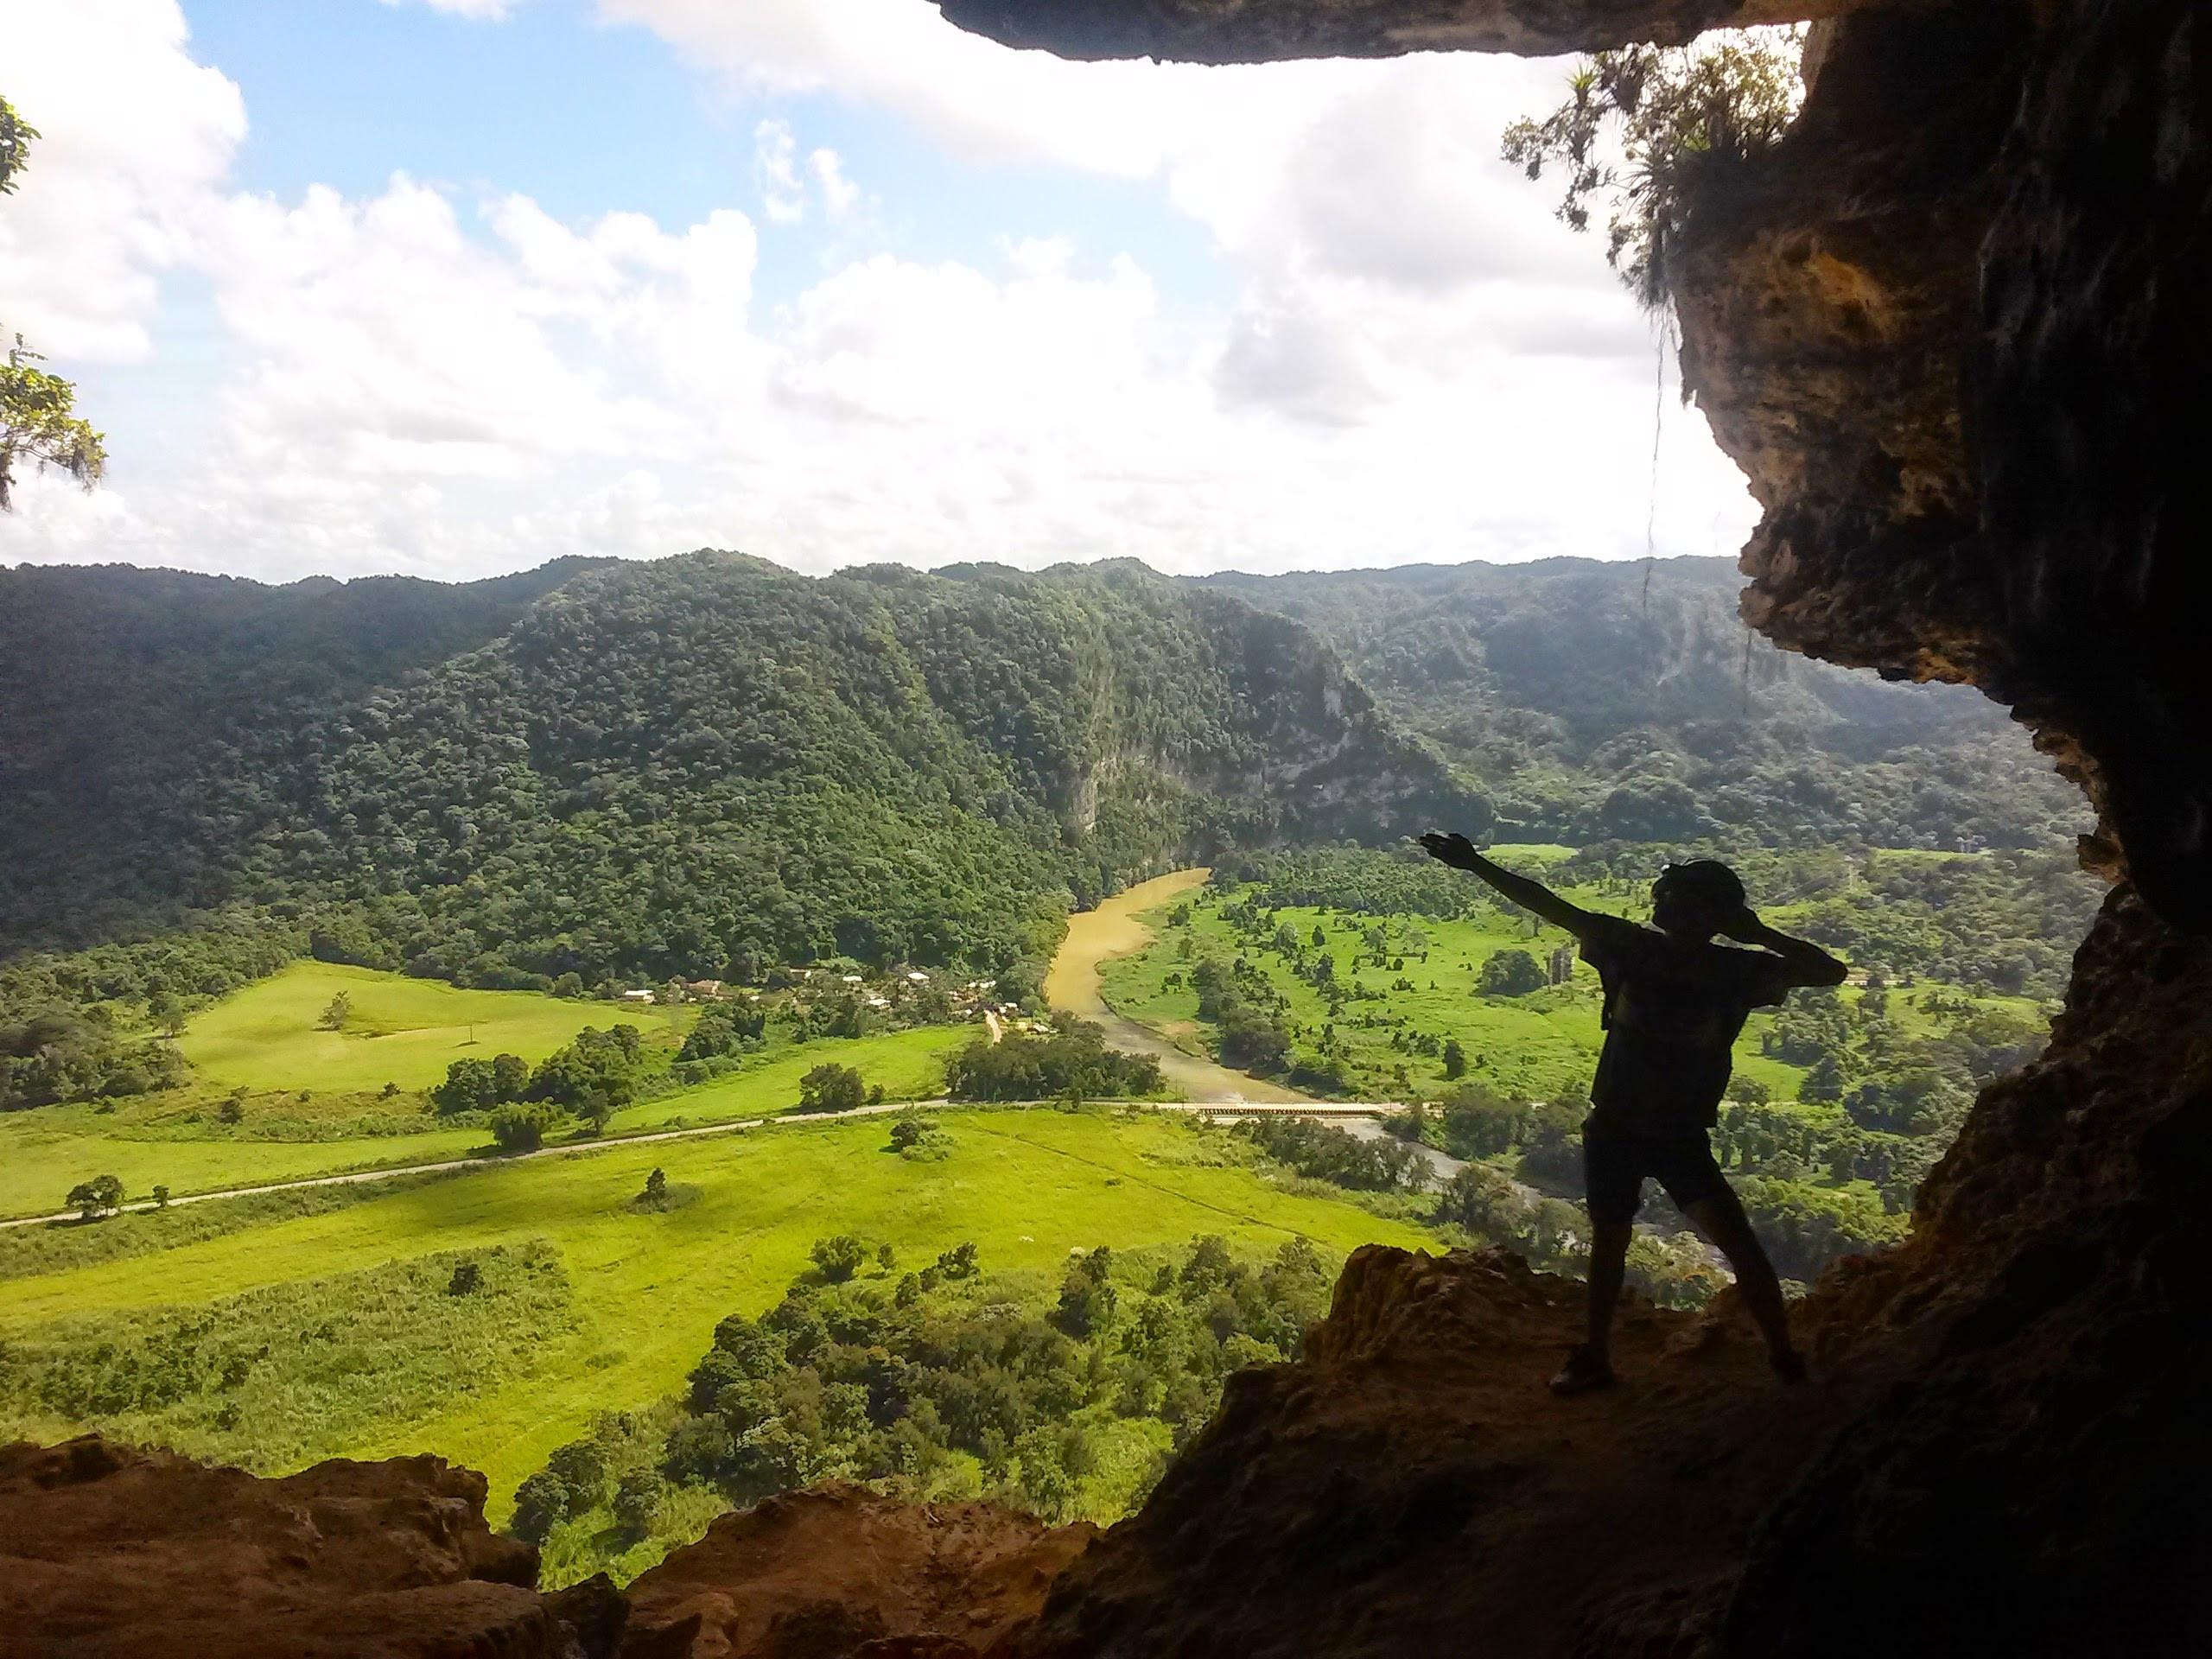 PUERTO RICO ADVENTURE TRIP